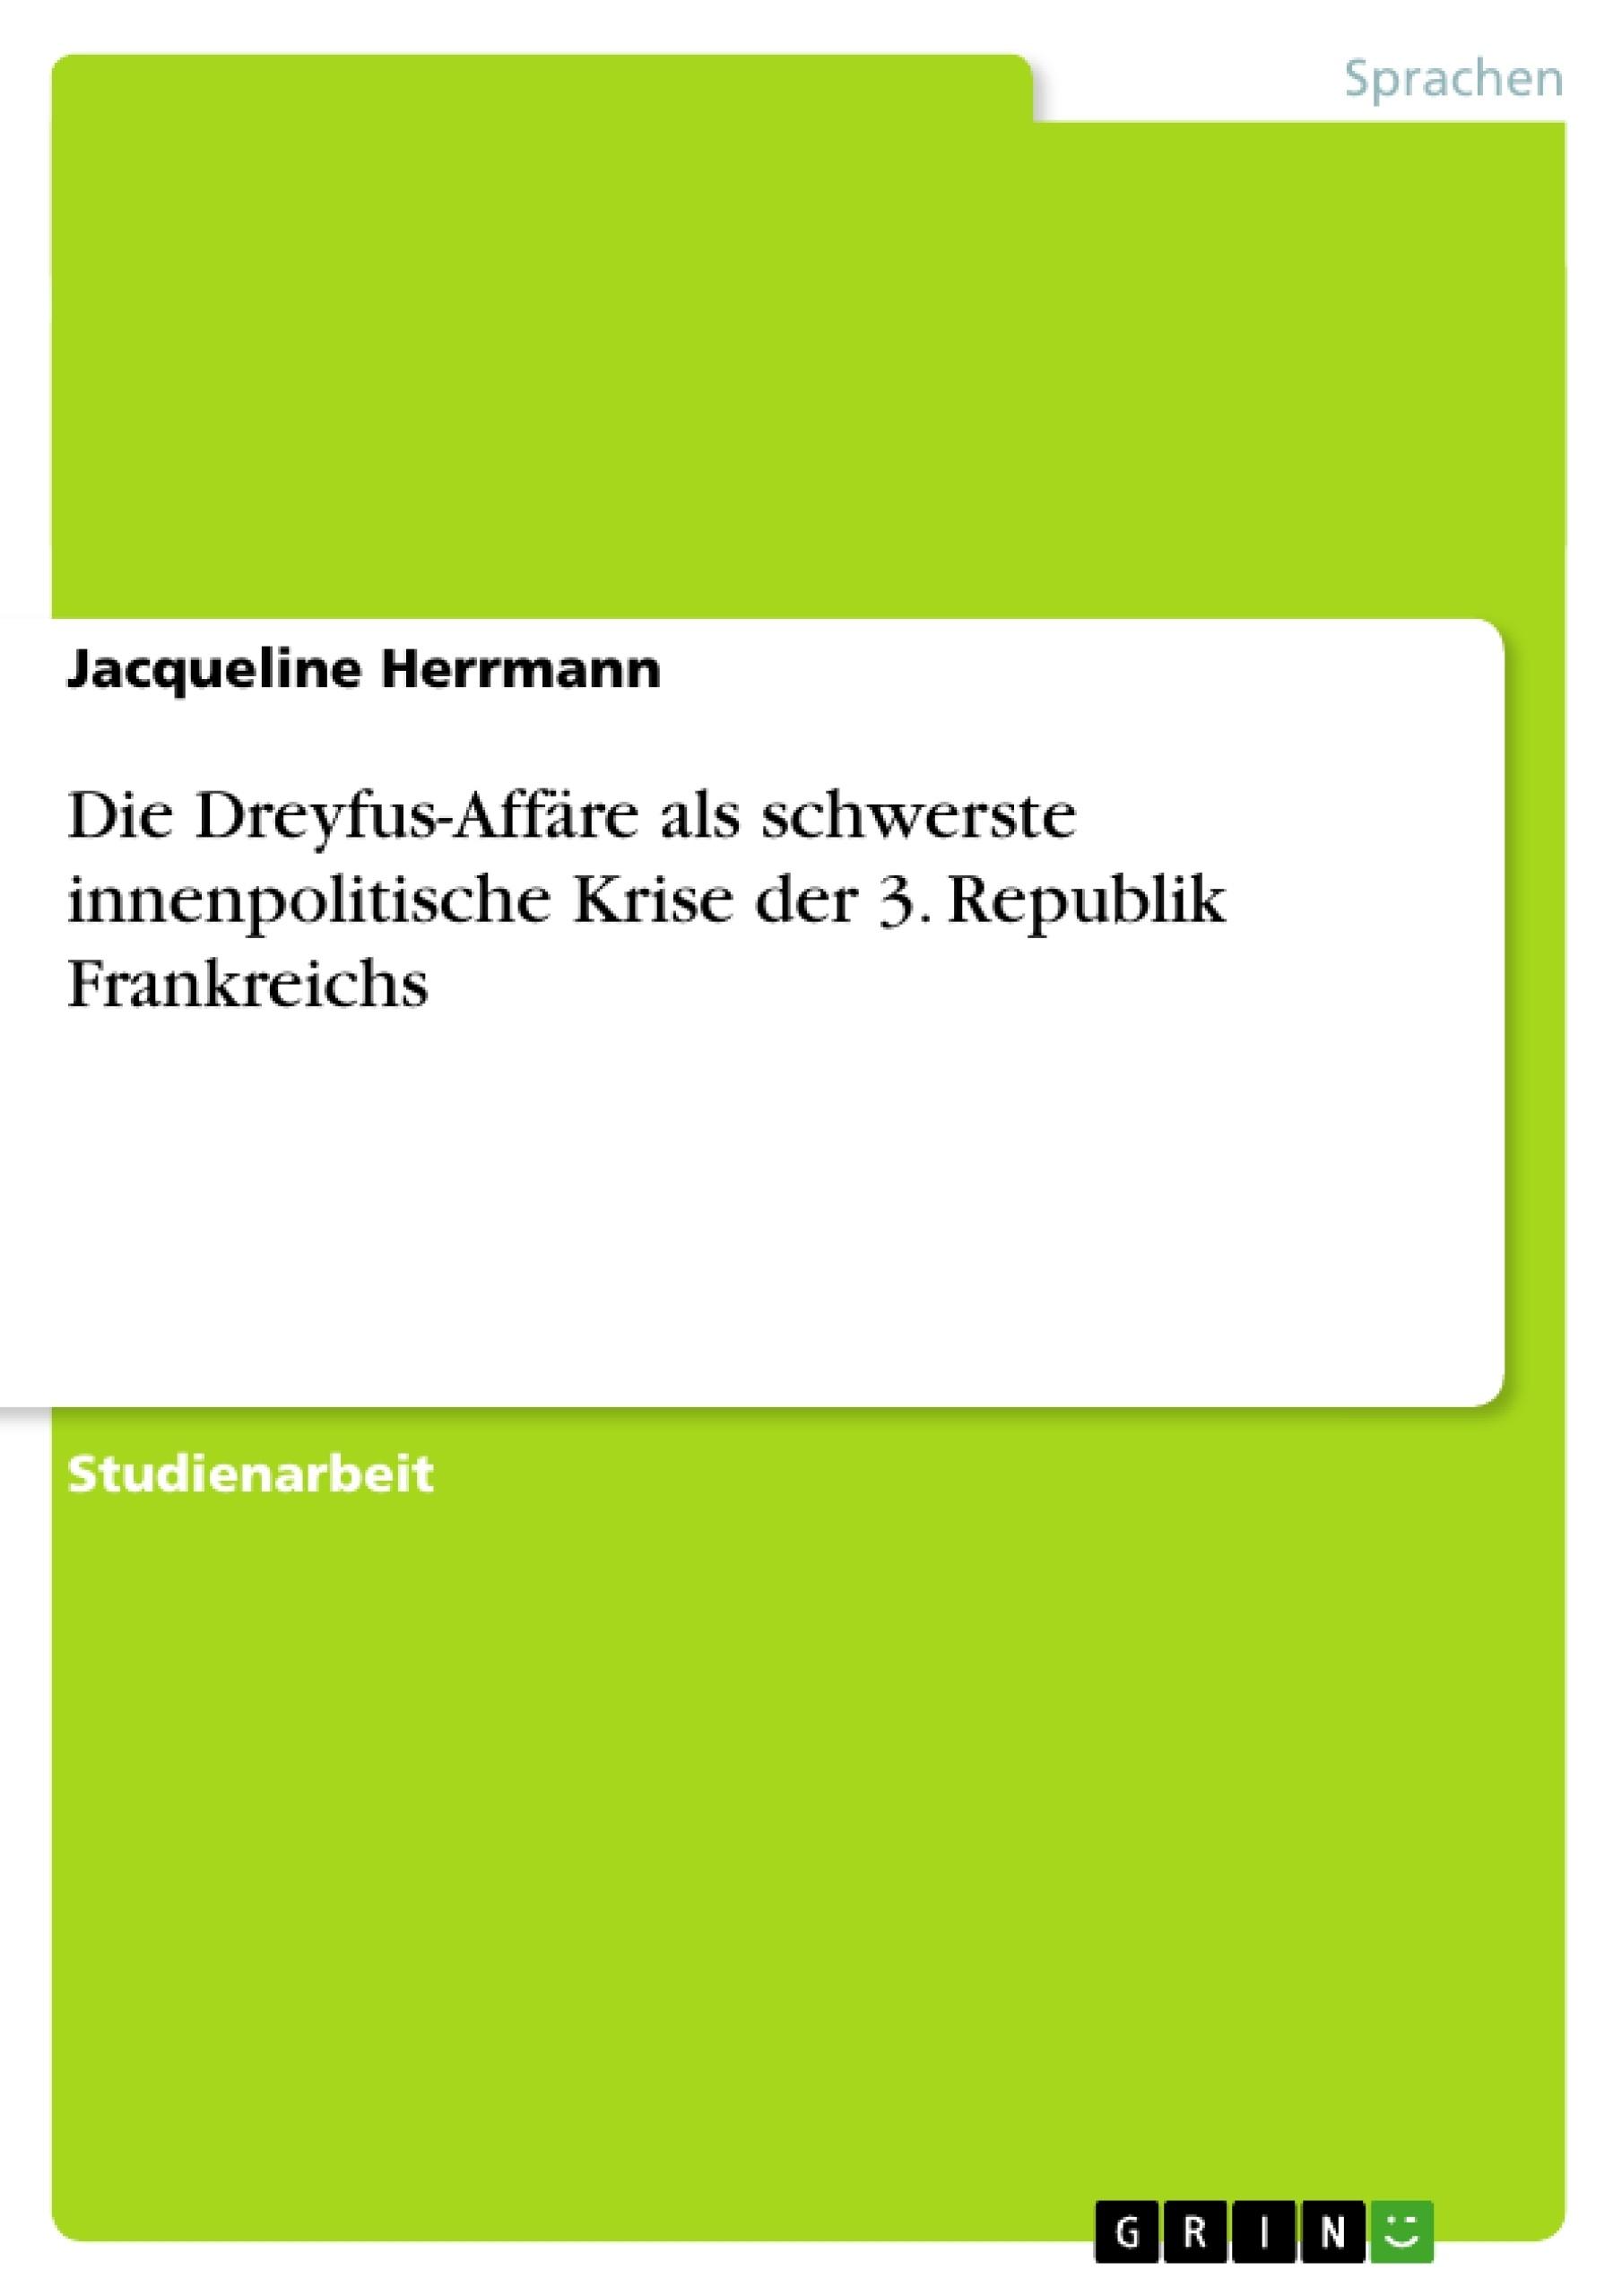 Titel: Die Dreyfus-Affäre als schwerste innenpolitische Krise der 3. Republik Frankreichs